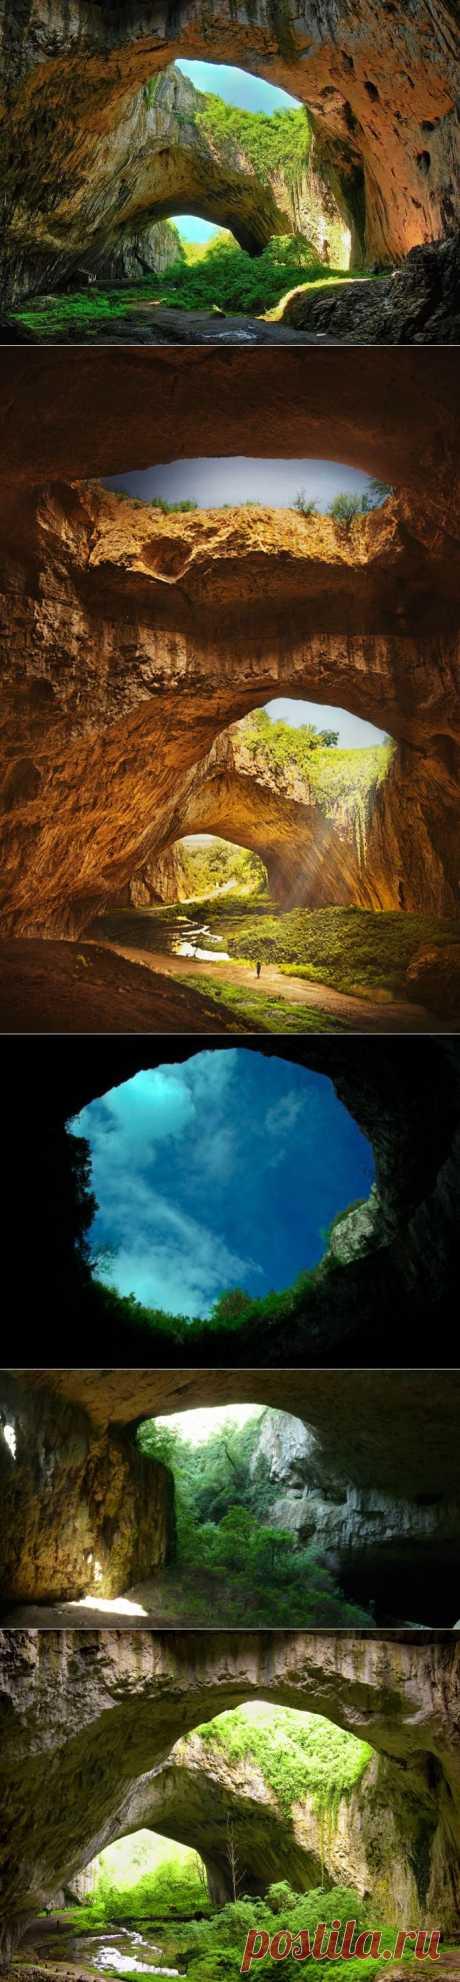 Devetashkat's cave, Bulgaria.